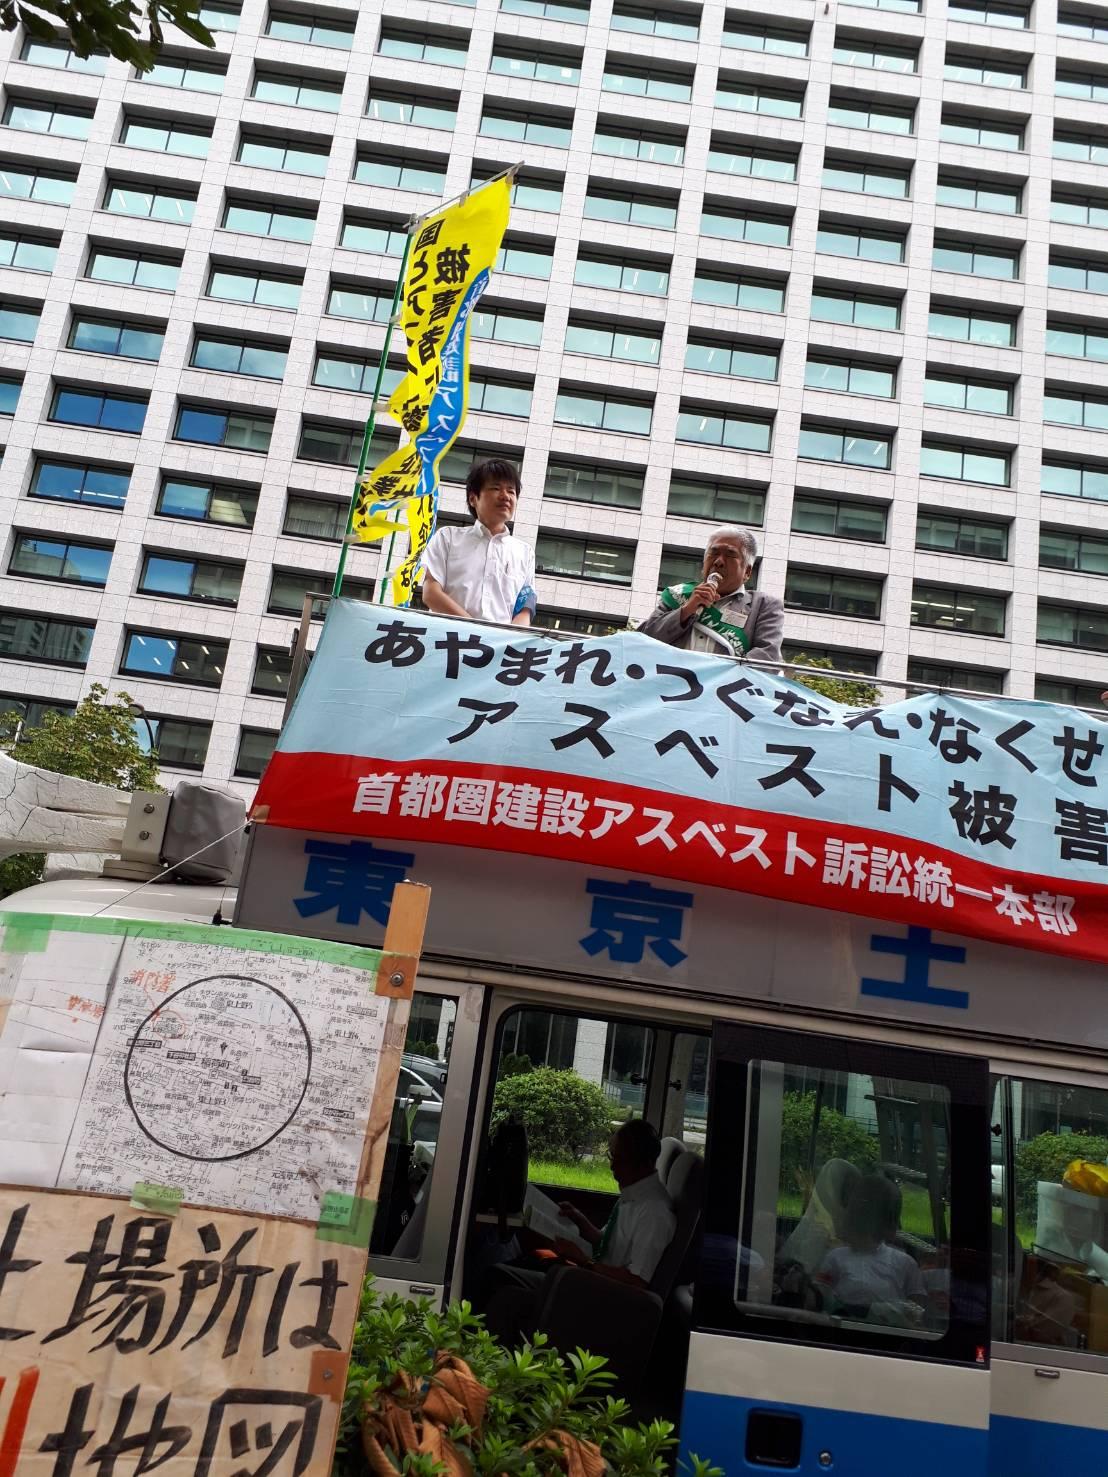 9月7日午後、アスベスト裁判(東京ルート)の第2陣/東京高裁前での宣伝行動です。//